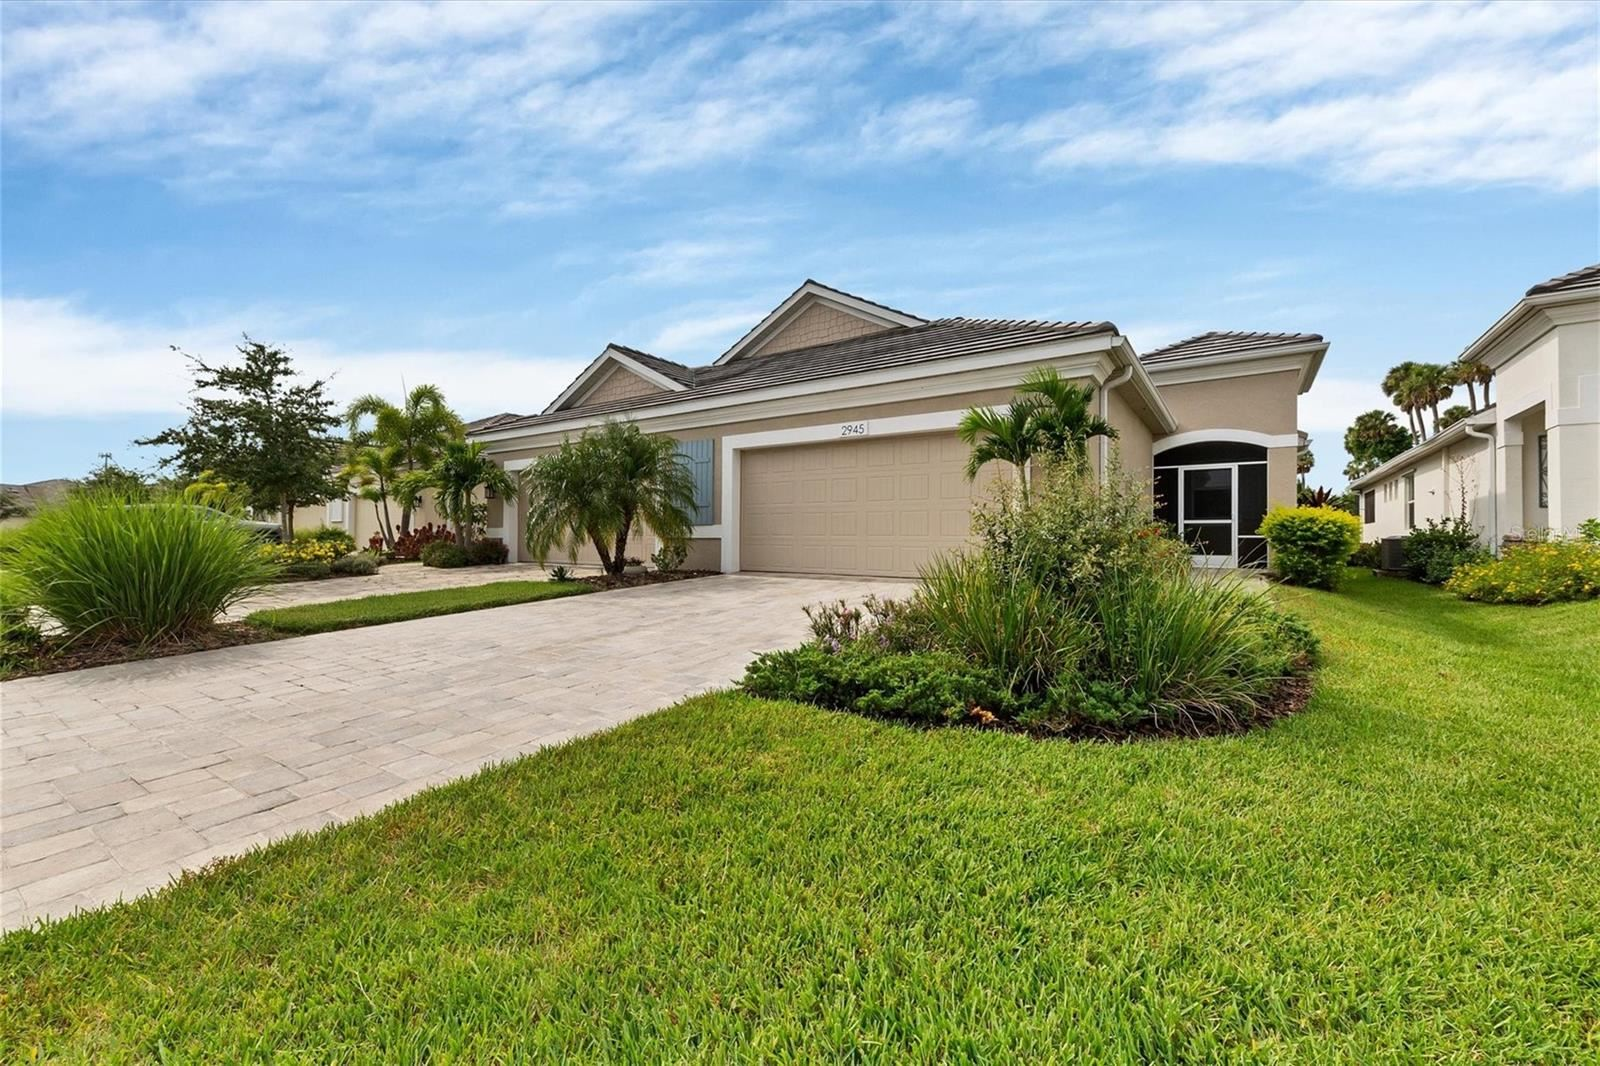 2945 TRUSTEE AVENUE, Sarasota, FL 34243 - #: A4507918